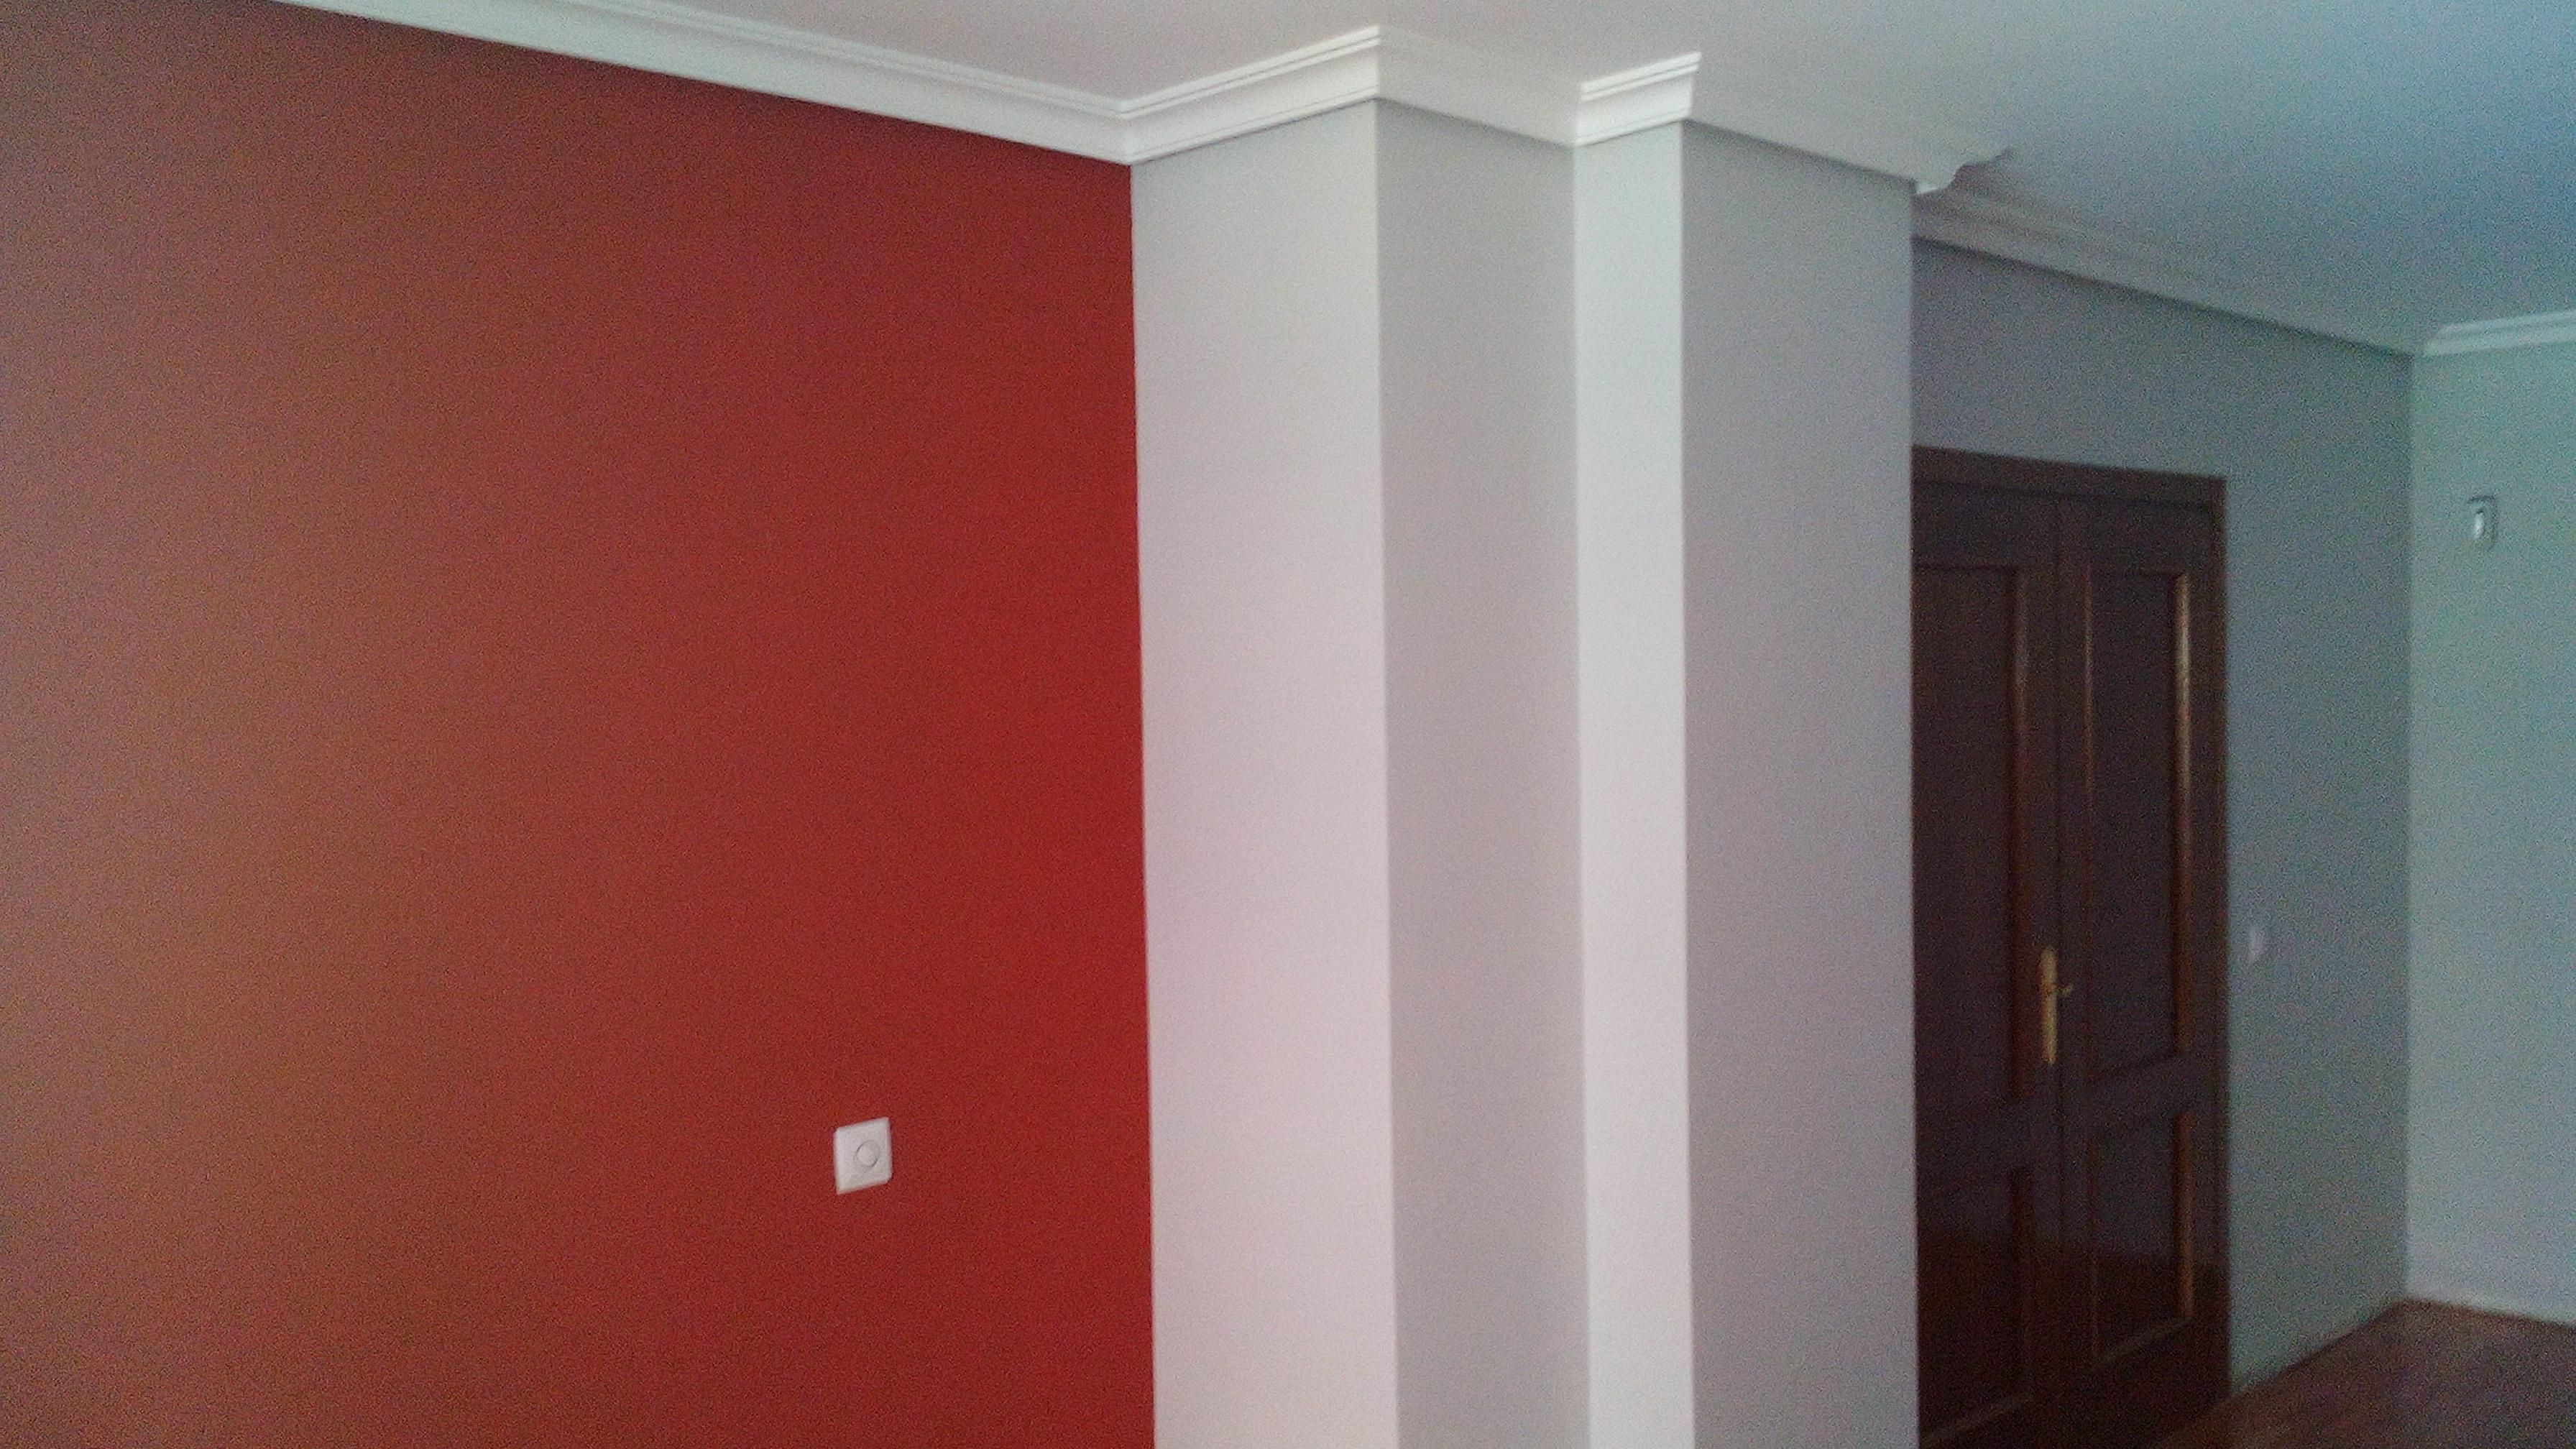 Pintura plastica color gris claro y rojo pintores en - Color gris claro ...